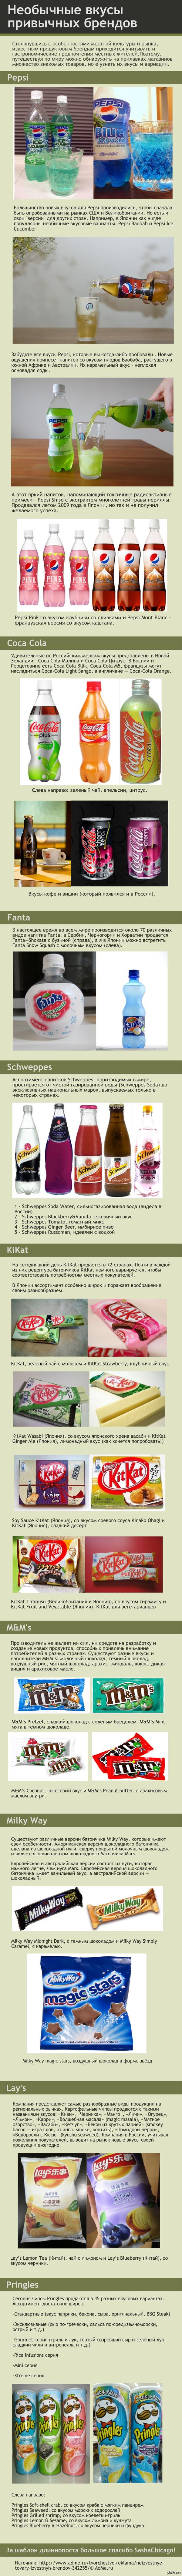 Неизвестные товары известных брендов Pepsi из огурца, молочная Fanta, чипсы Lay's со вкусом черники и еще несколько необычных продуктов, которых не продают в России.